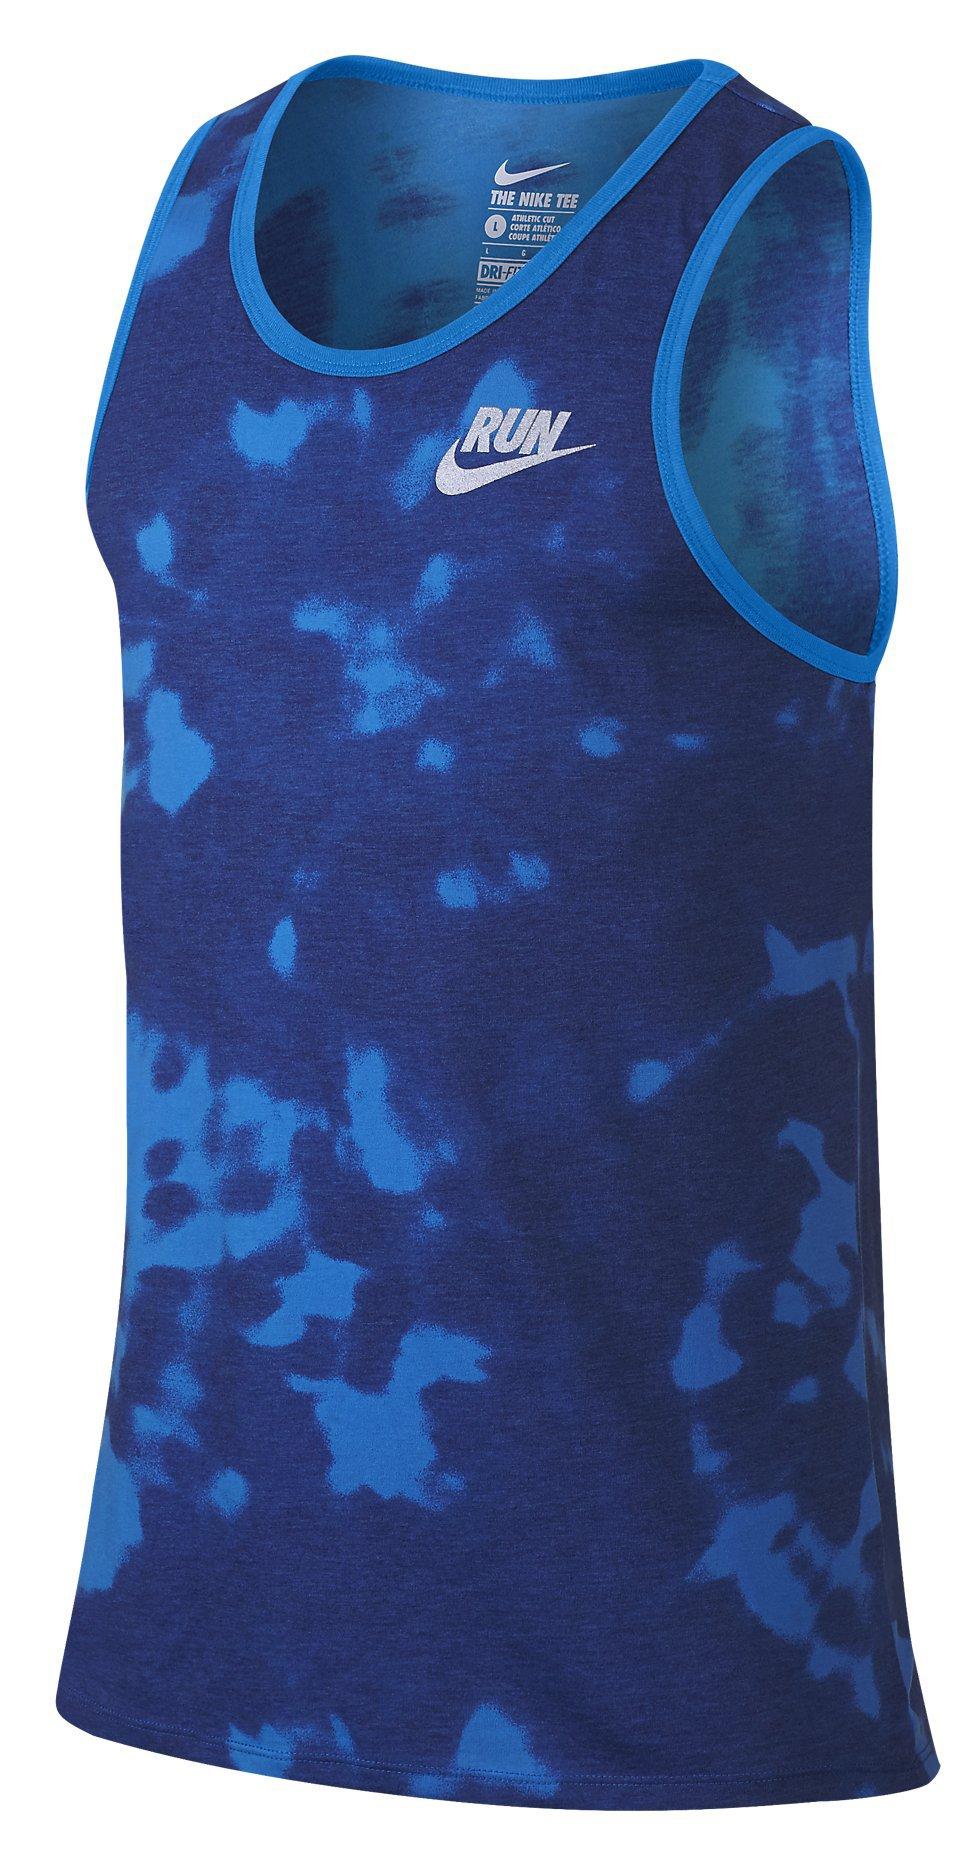 Nike Run Tie-Dye